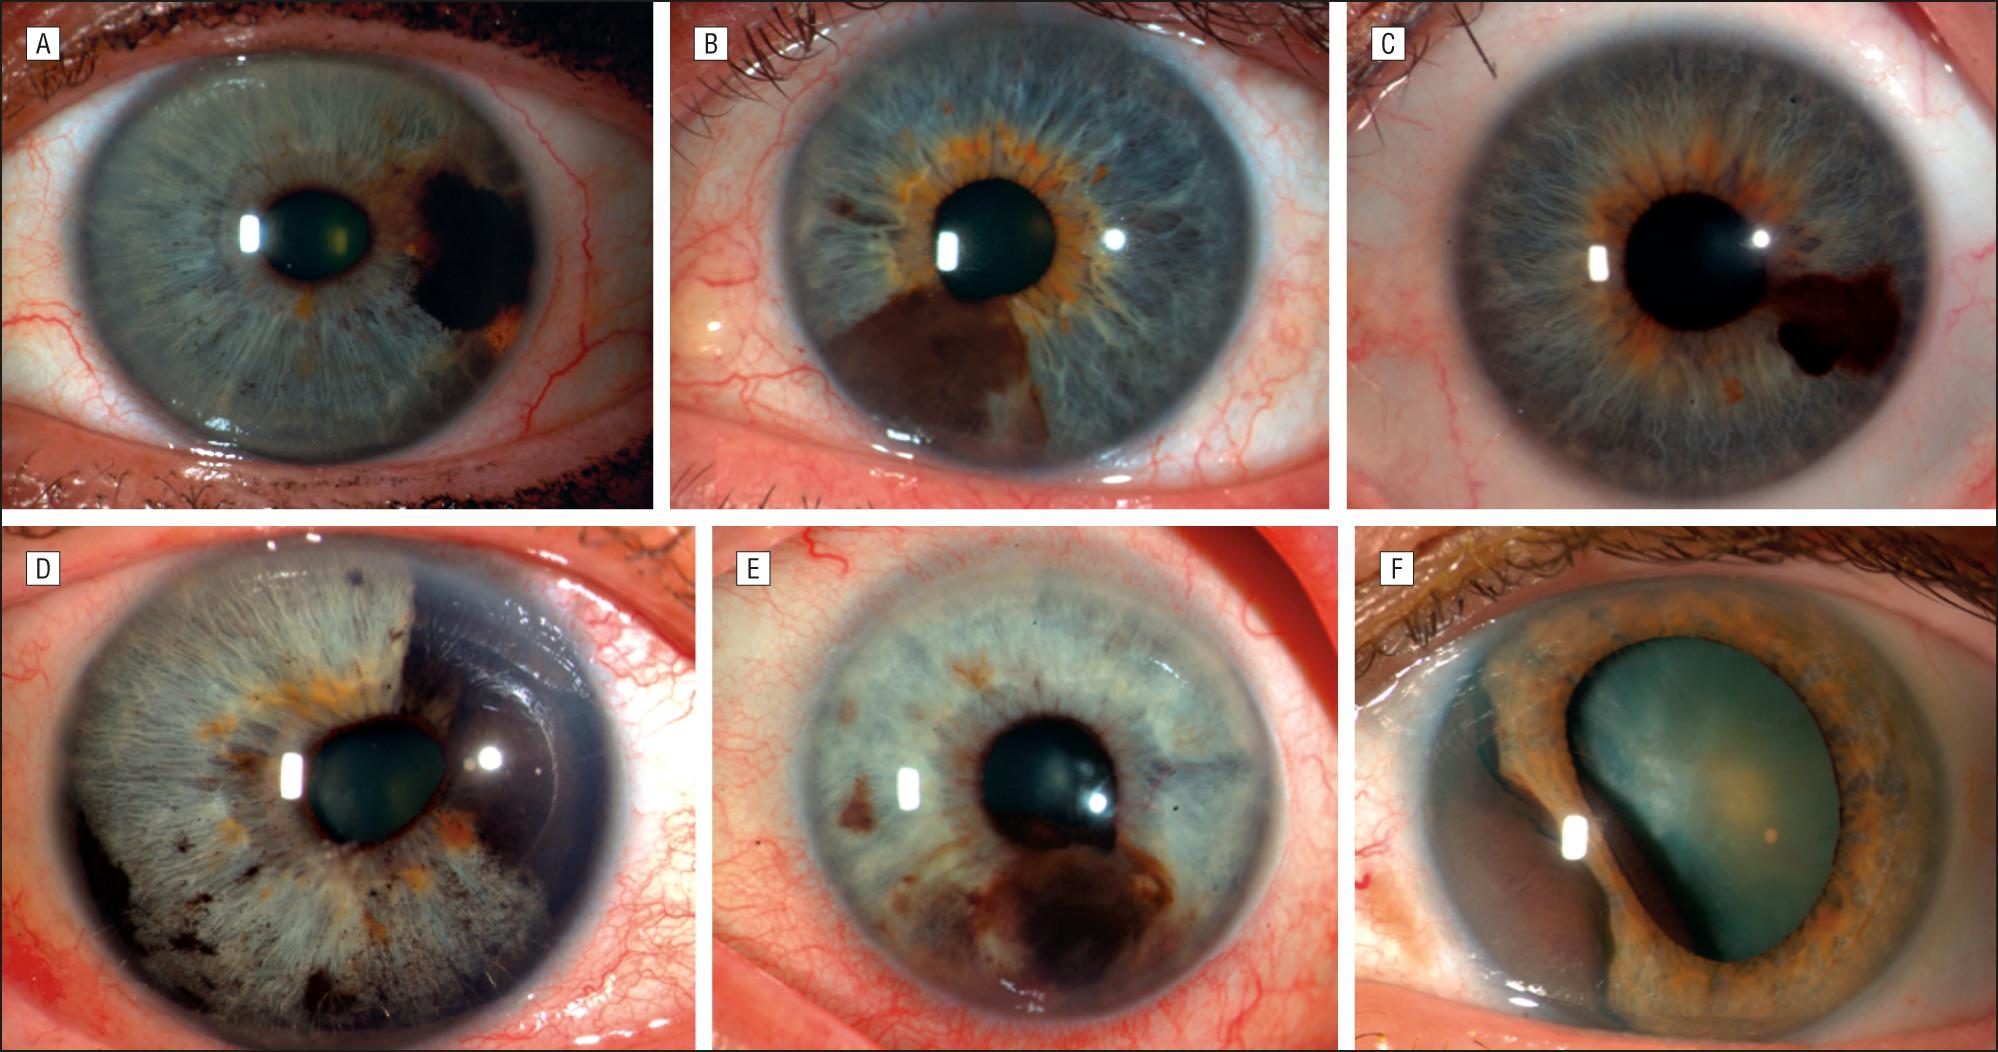 Iridocorneal Endothelial Syndrome Masquerading As Iris